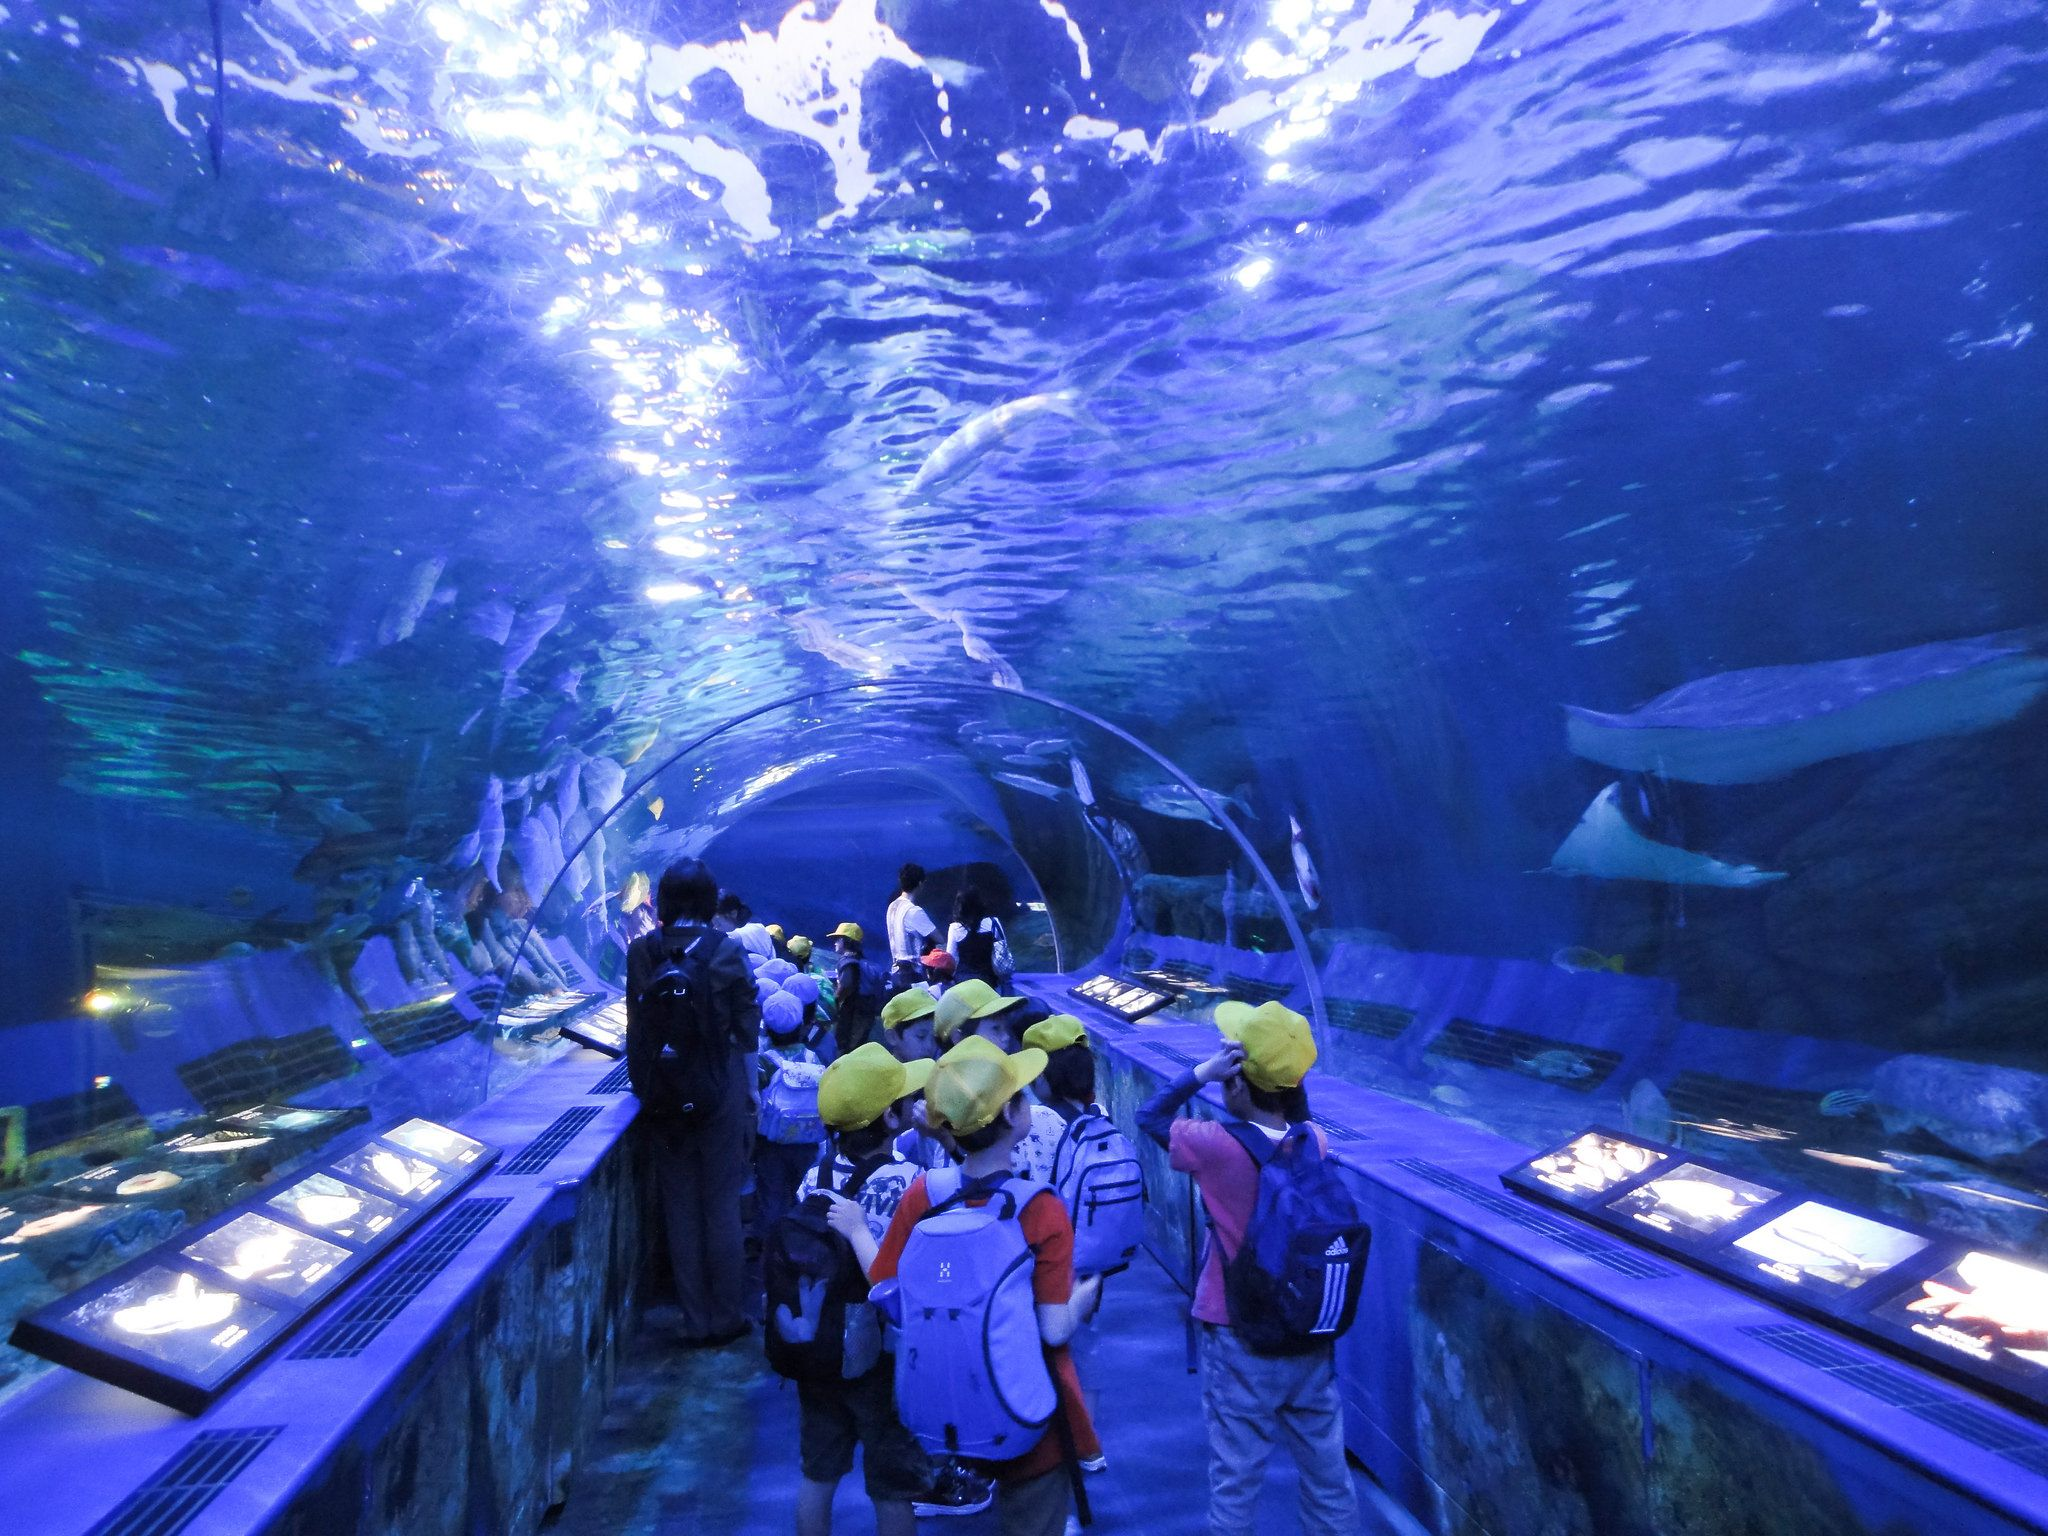 Japanese Aquarium Wallpapers - Top Free Japanese Aquarium ...